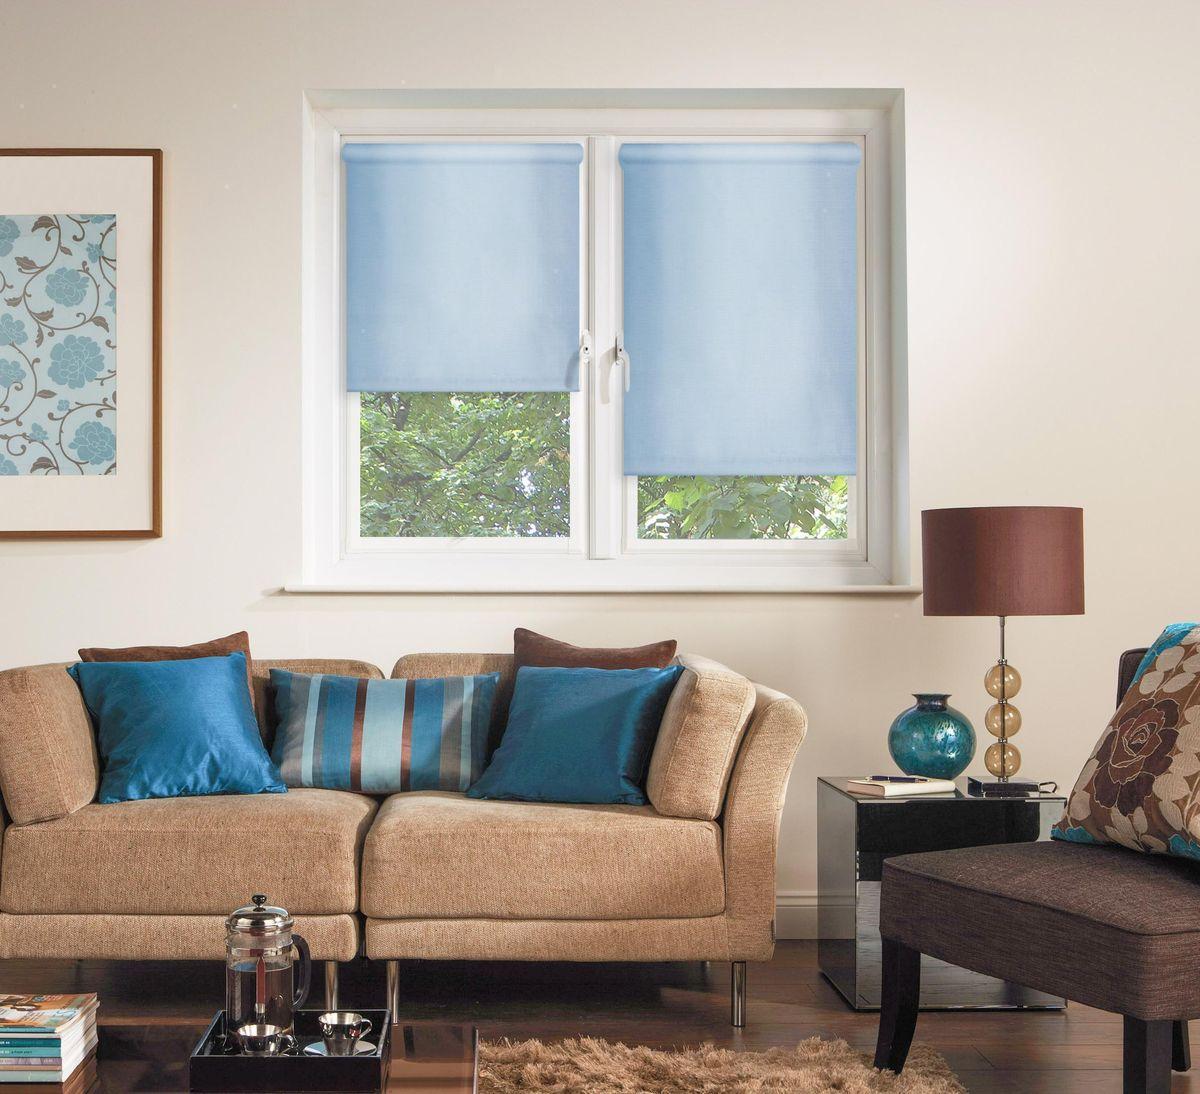 Штора рулонная Эскар, цвет: голубой, ширина 210 см, высота 170 см81005210170Рулонными шторами можно оформлять окна как самостоятельно, так и использовать в комбинации с портьерами. Это поможет предотвратить выгорание дорогой ткани на солнце и соединит функционал рулонных с красотой навесных. Преимущества применения рулонных штор для пластиковых окон: - имеют прекрасный внешний вид: многообразие и фактурность материала изделия отлично смотрятся в любом интерьере; - многофункциональны: есть возможность подобрать шторы способные эффективно защитить комнату от солнца, при этом она не будет слишком темной. - Есть возможность осуществить быстрый монтаж. ВНИМАНИЕ! Размеры ширины изделия указаны по ширине ткани! Во время эксплуатации не рекомендуется полностью разматывать рулон, чтобы не оторвать ткань от намоточного вала. В случае загрязнения поверхности ткани, чистку шторы проводят одним из способов, в зависимости от типа загрязнения: легкое поверхностное загрязнение можно удалить при помощи канцелярского ластика; чистка от пыли производится сухим методом при...